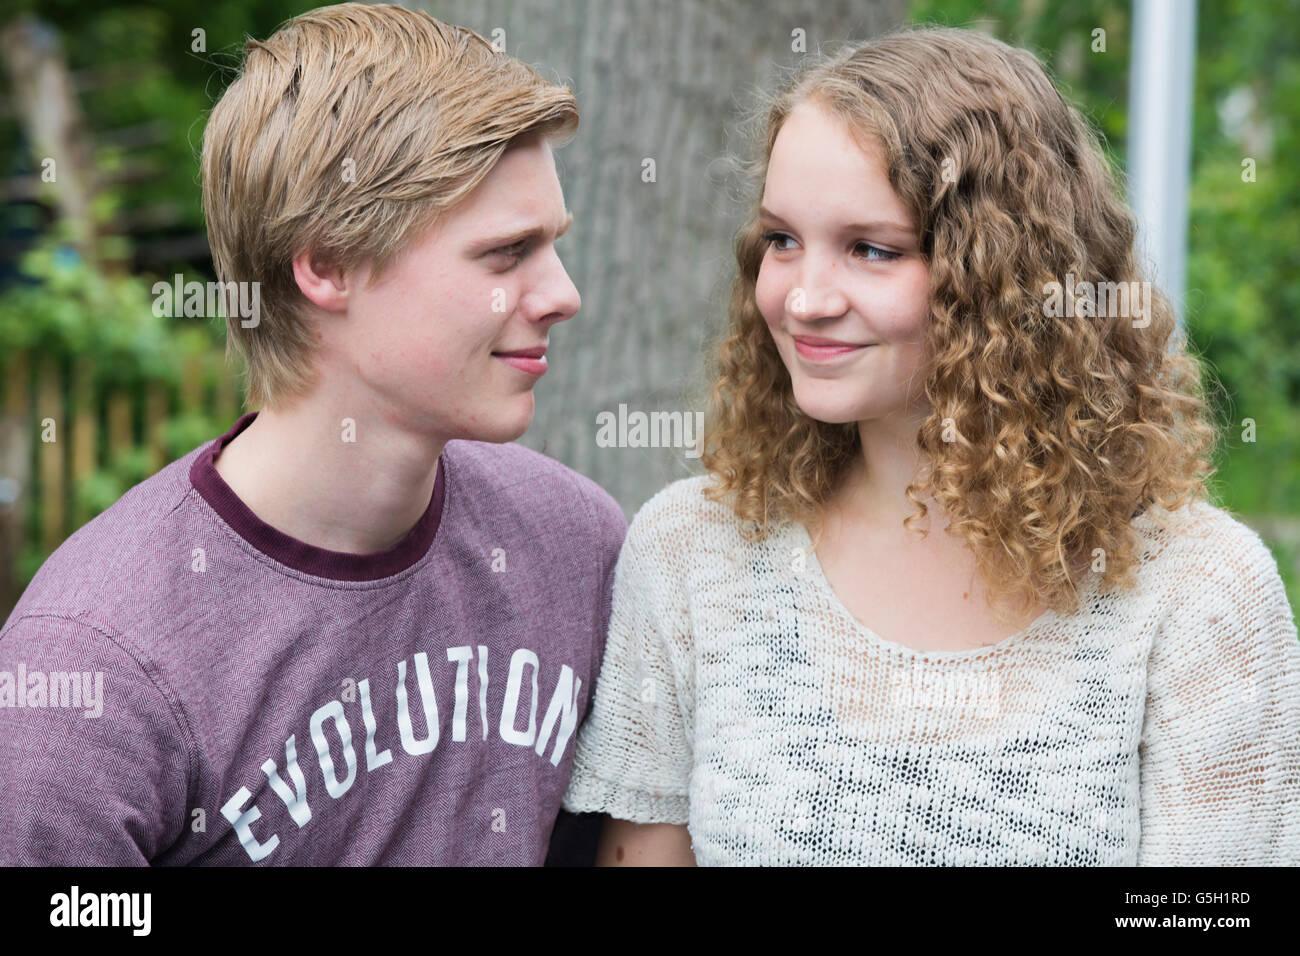 Look at teen